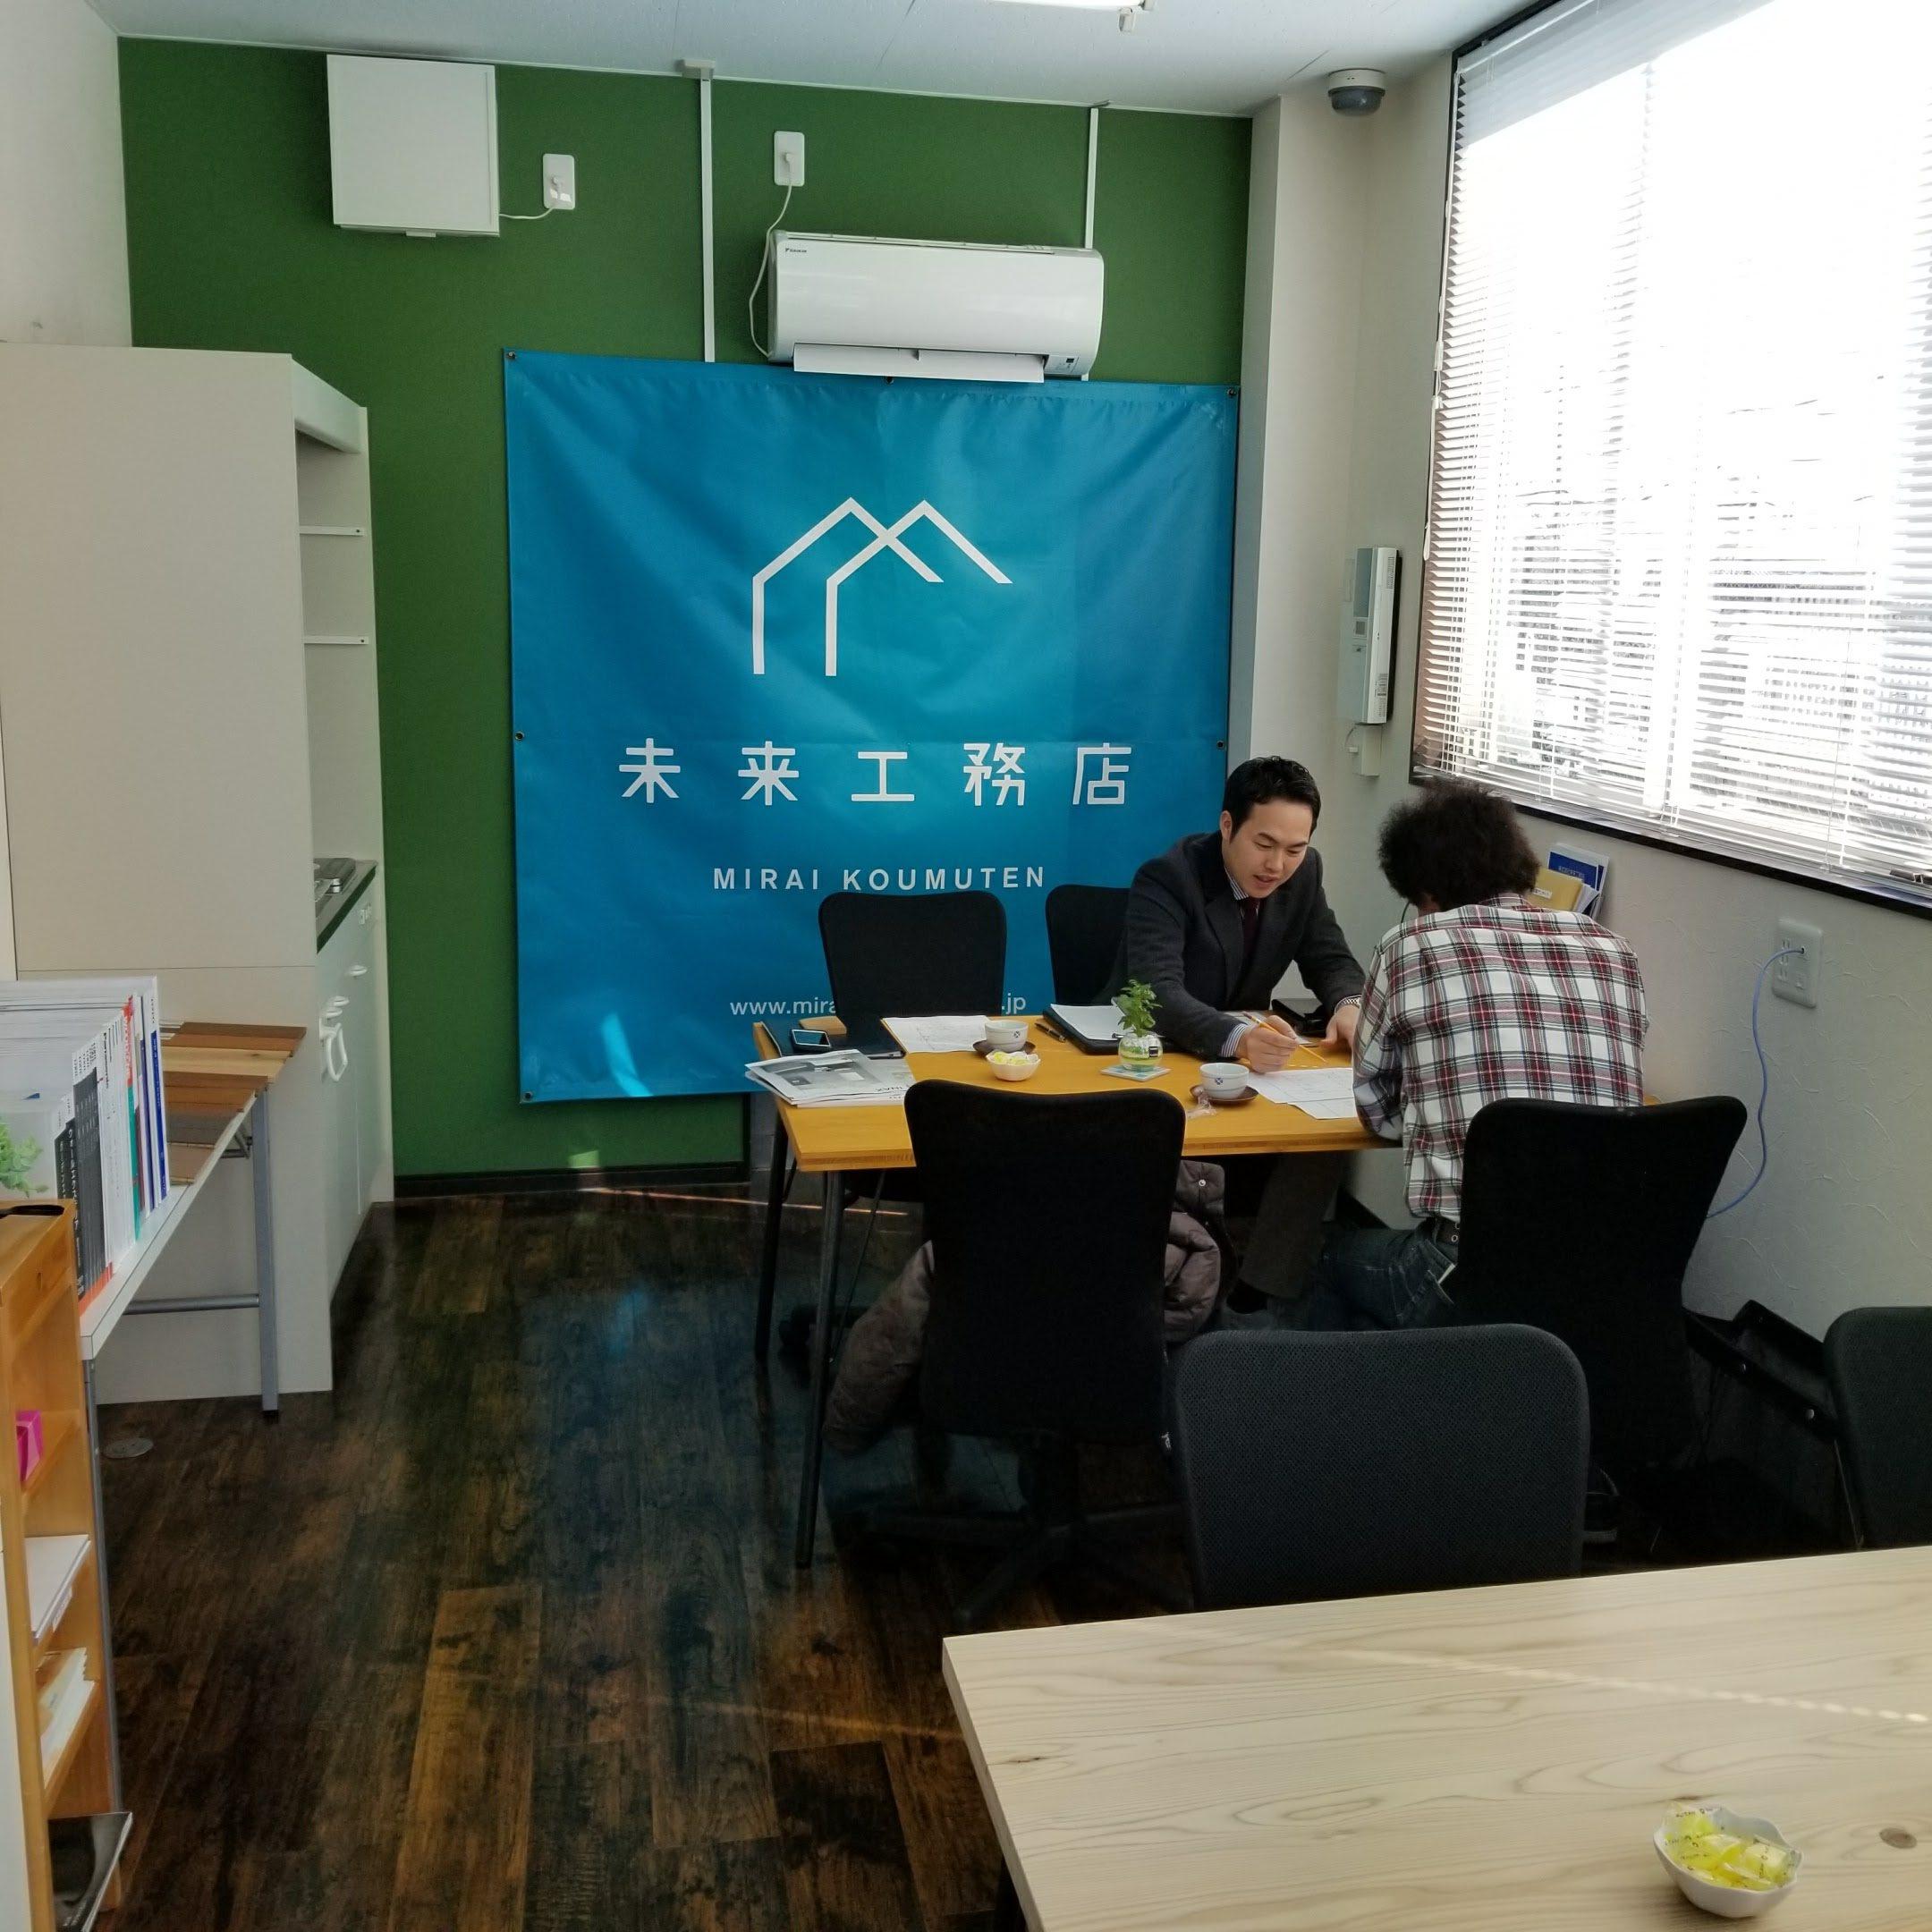 未来工務店 リフォーム・リノベーション相談会 開催中です。